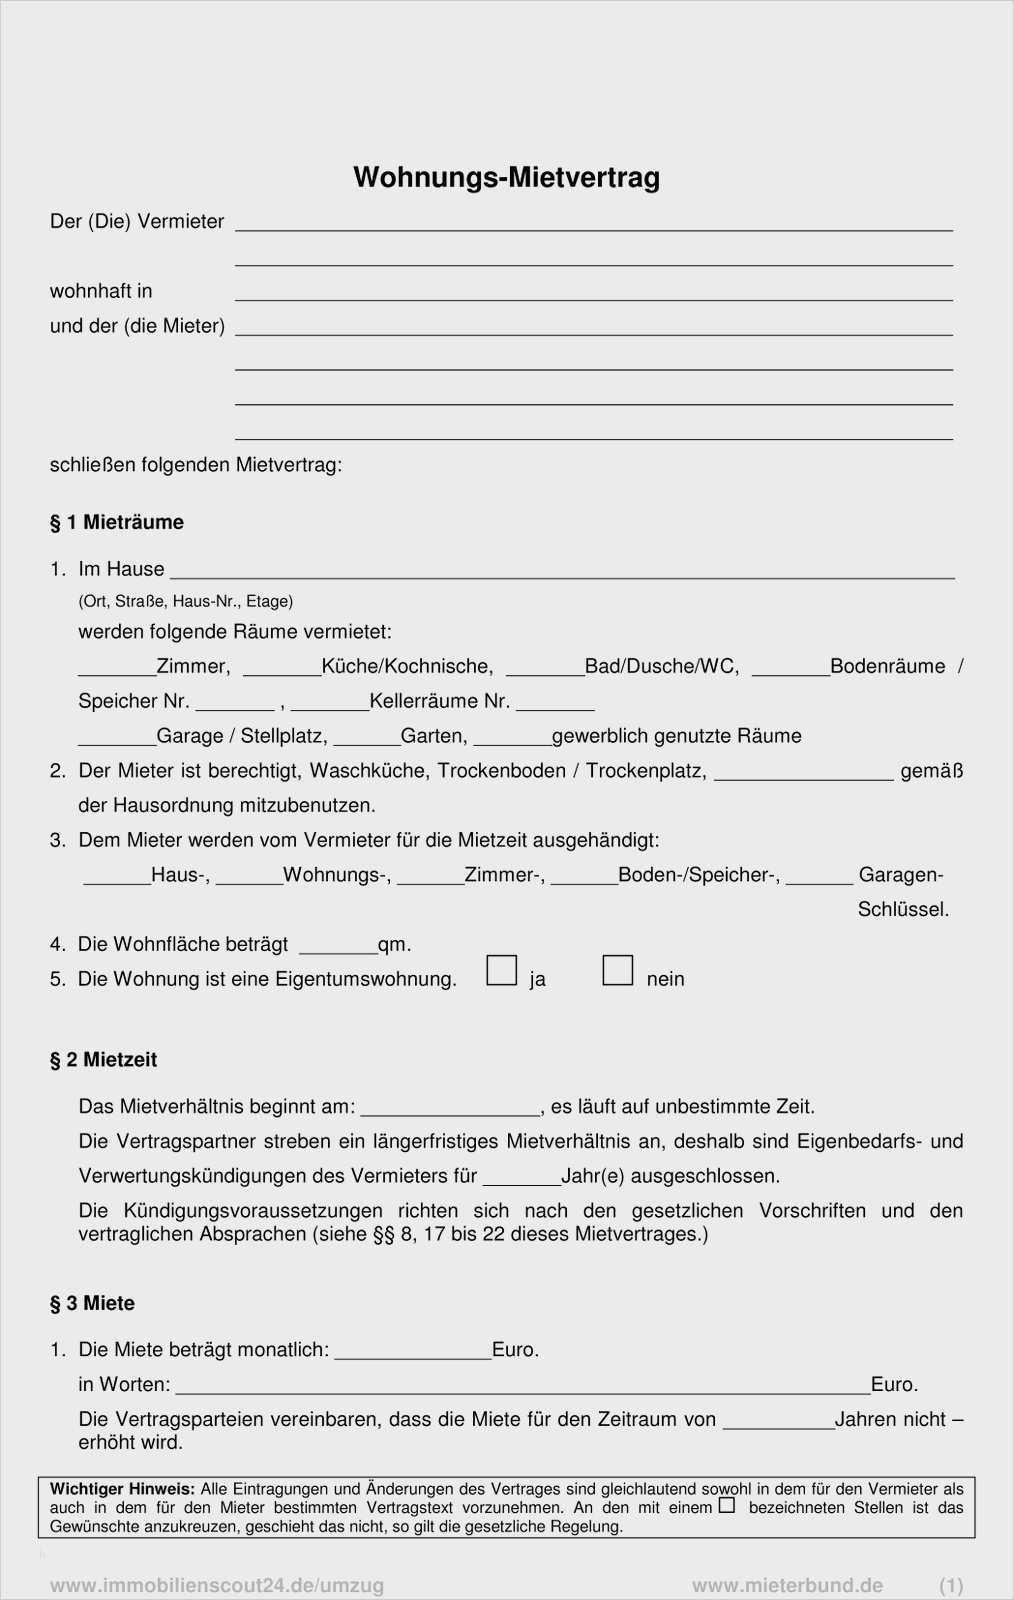 Mietvertrag Vorlage Befristet 40 Gut Diese Konnen Anpassen In Ms Word Vorlagen Lebenslauf Vorlagen Word Vorlagen Word